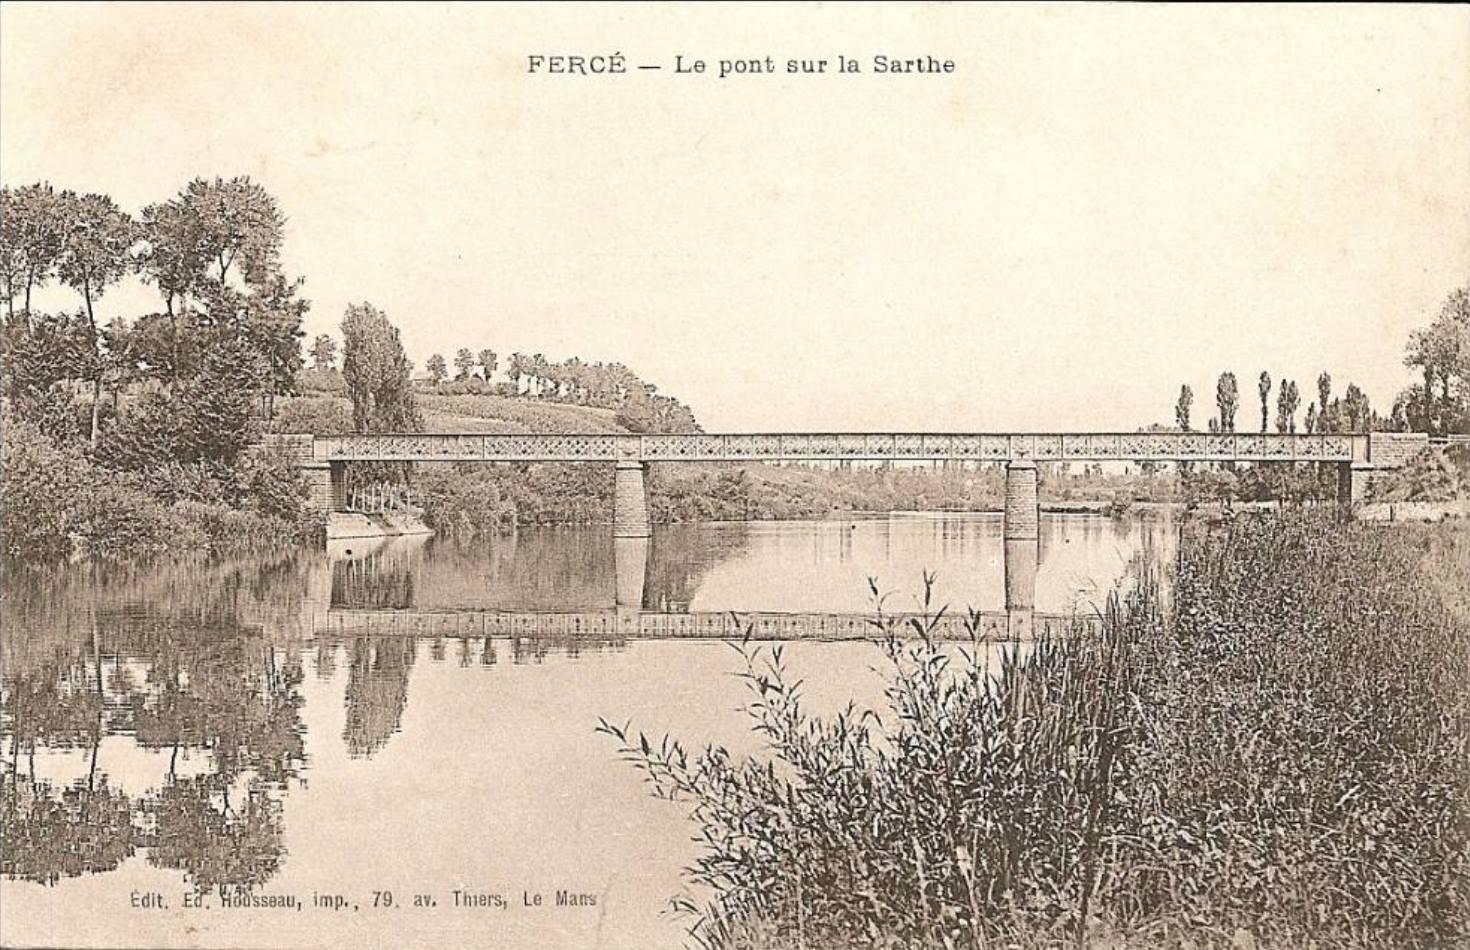 Fercé sur Sarthe - Le pont sur la Sarthe (Philippe Gondard)